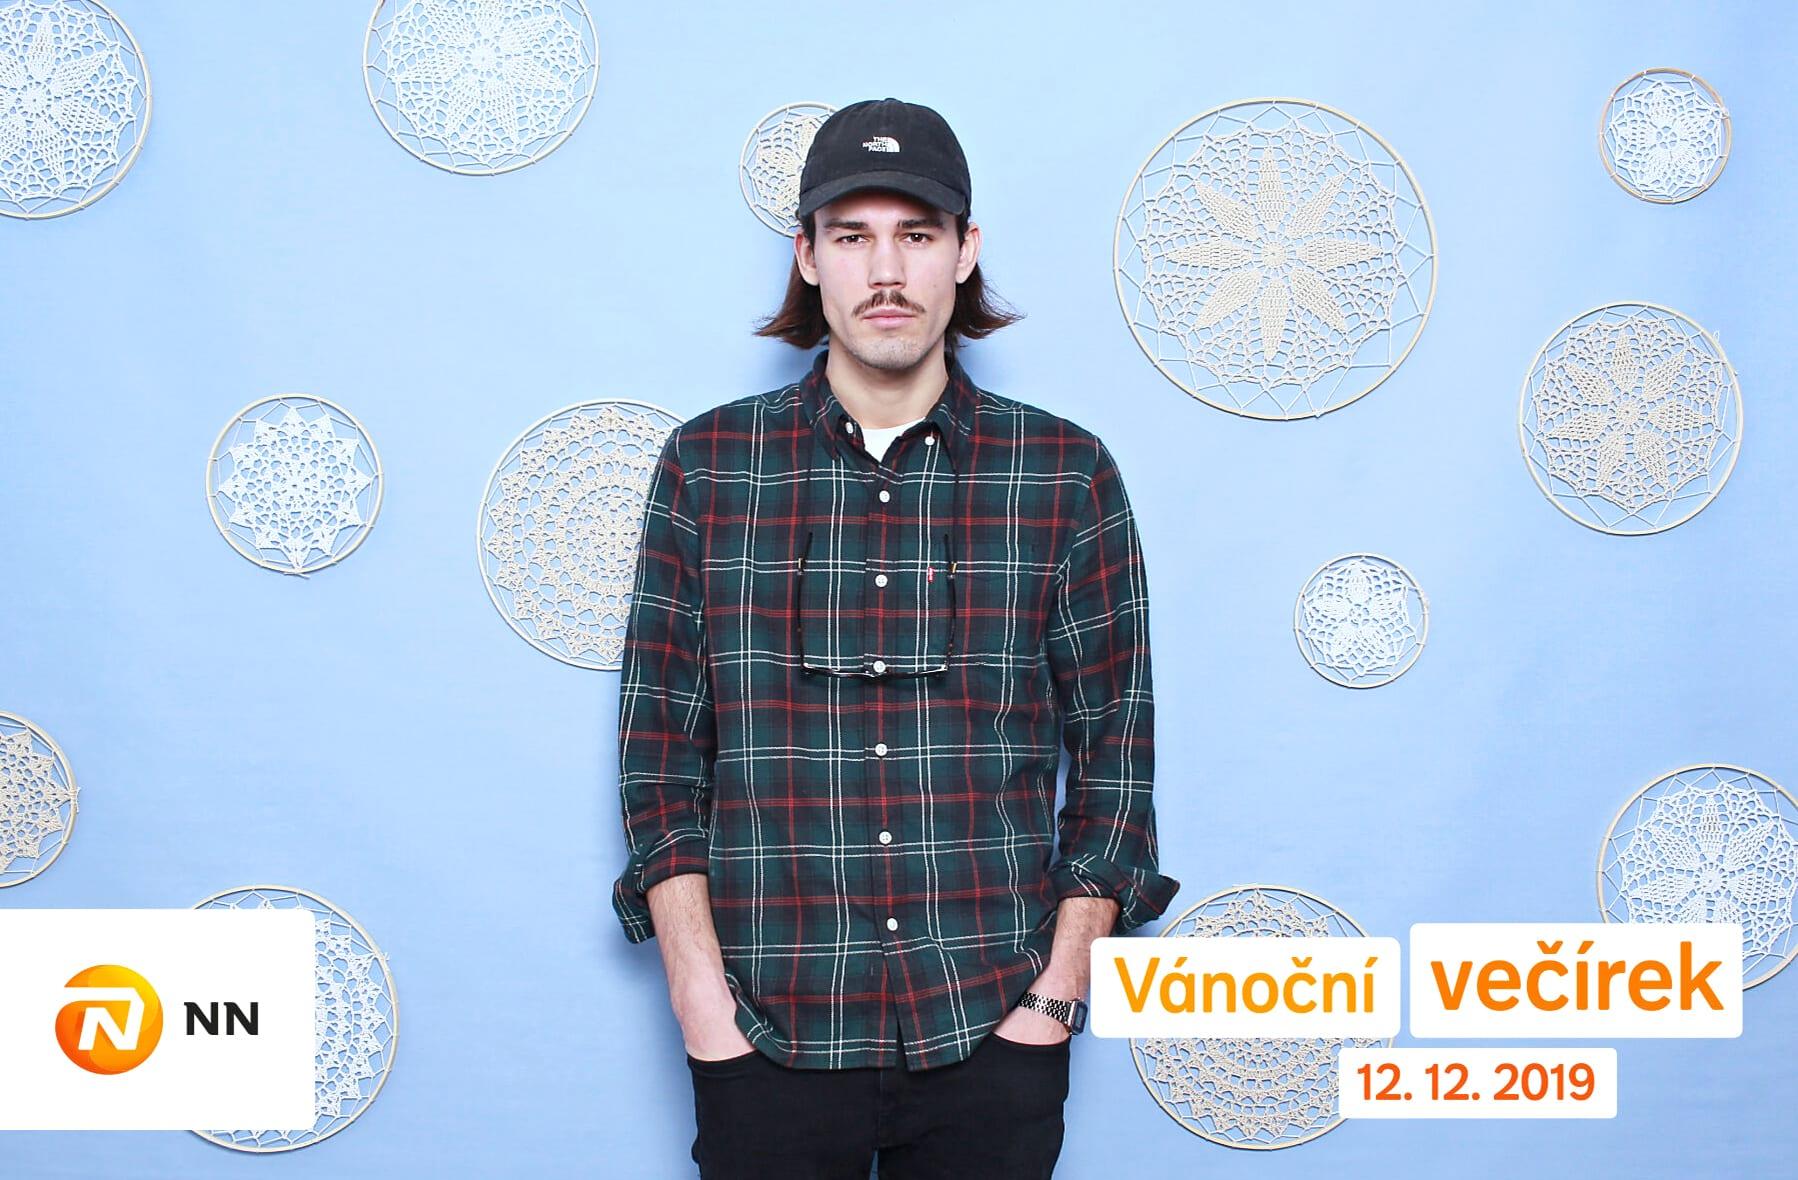 fotokoutek-firemni-vecirek-praha-vanocni-vecirek-nn-12-12-2019-690546